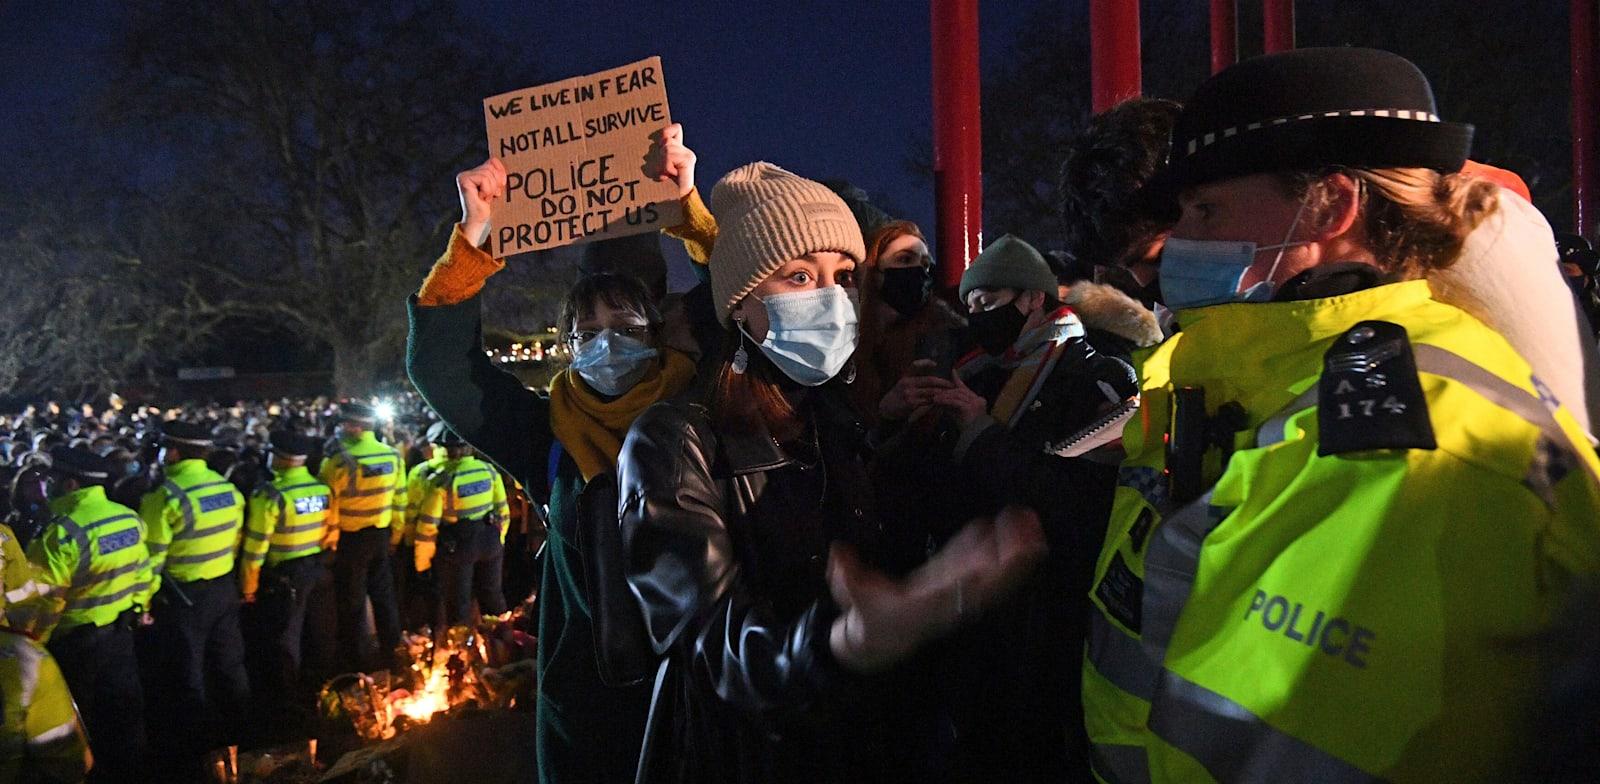 מהומות בבריטניה על רקע רציחתה של שרה אברארד / צילום: Associated Press, Victoria Jones